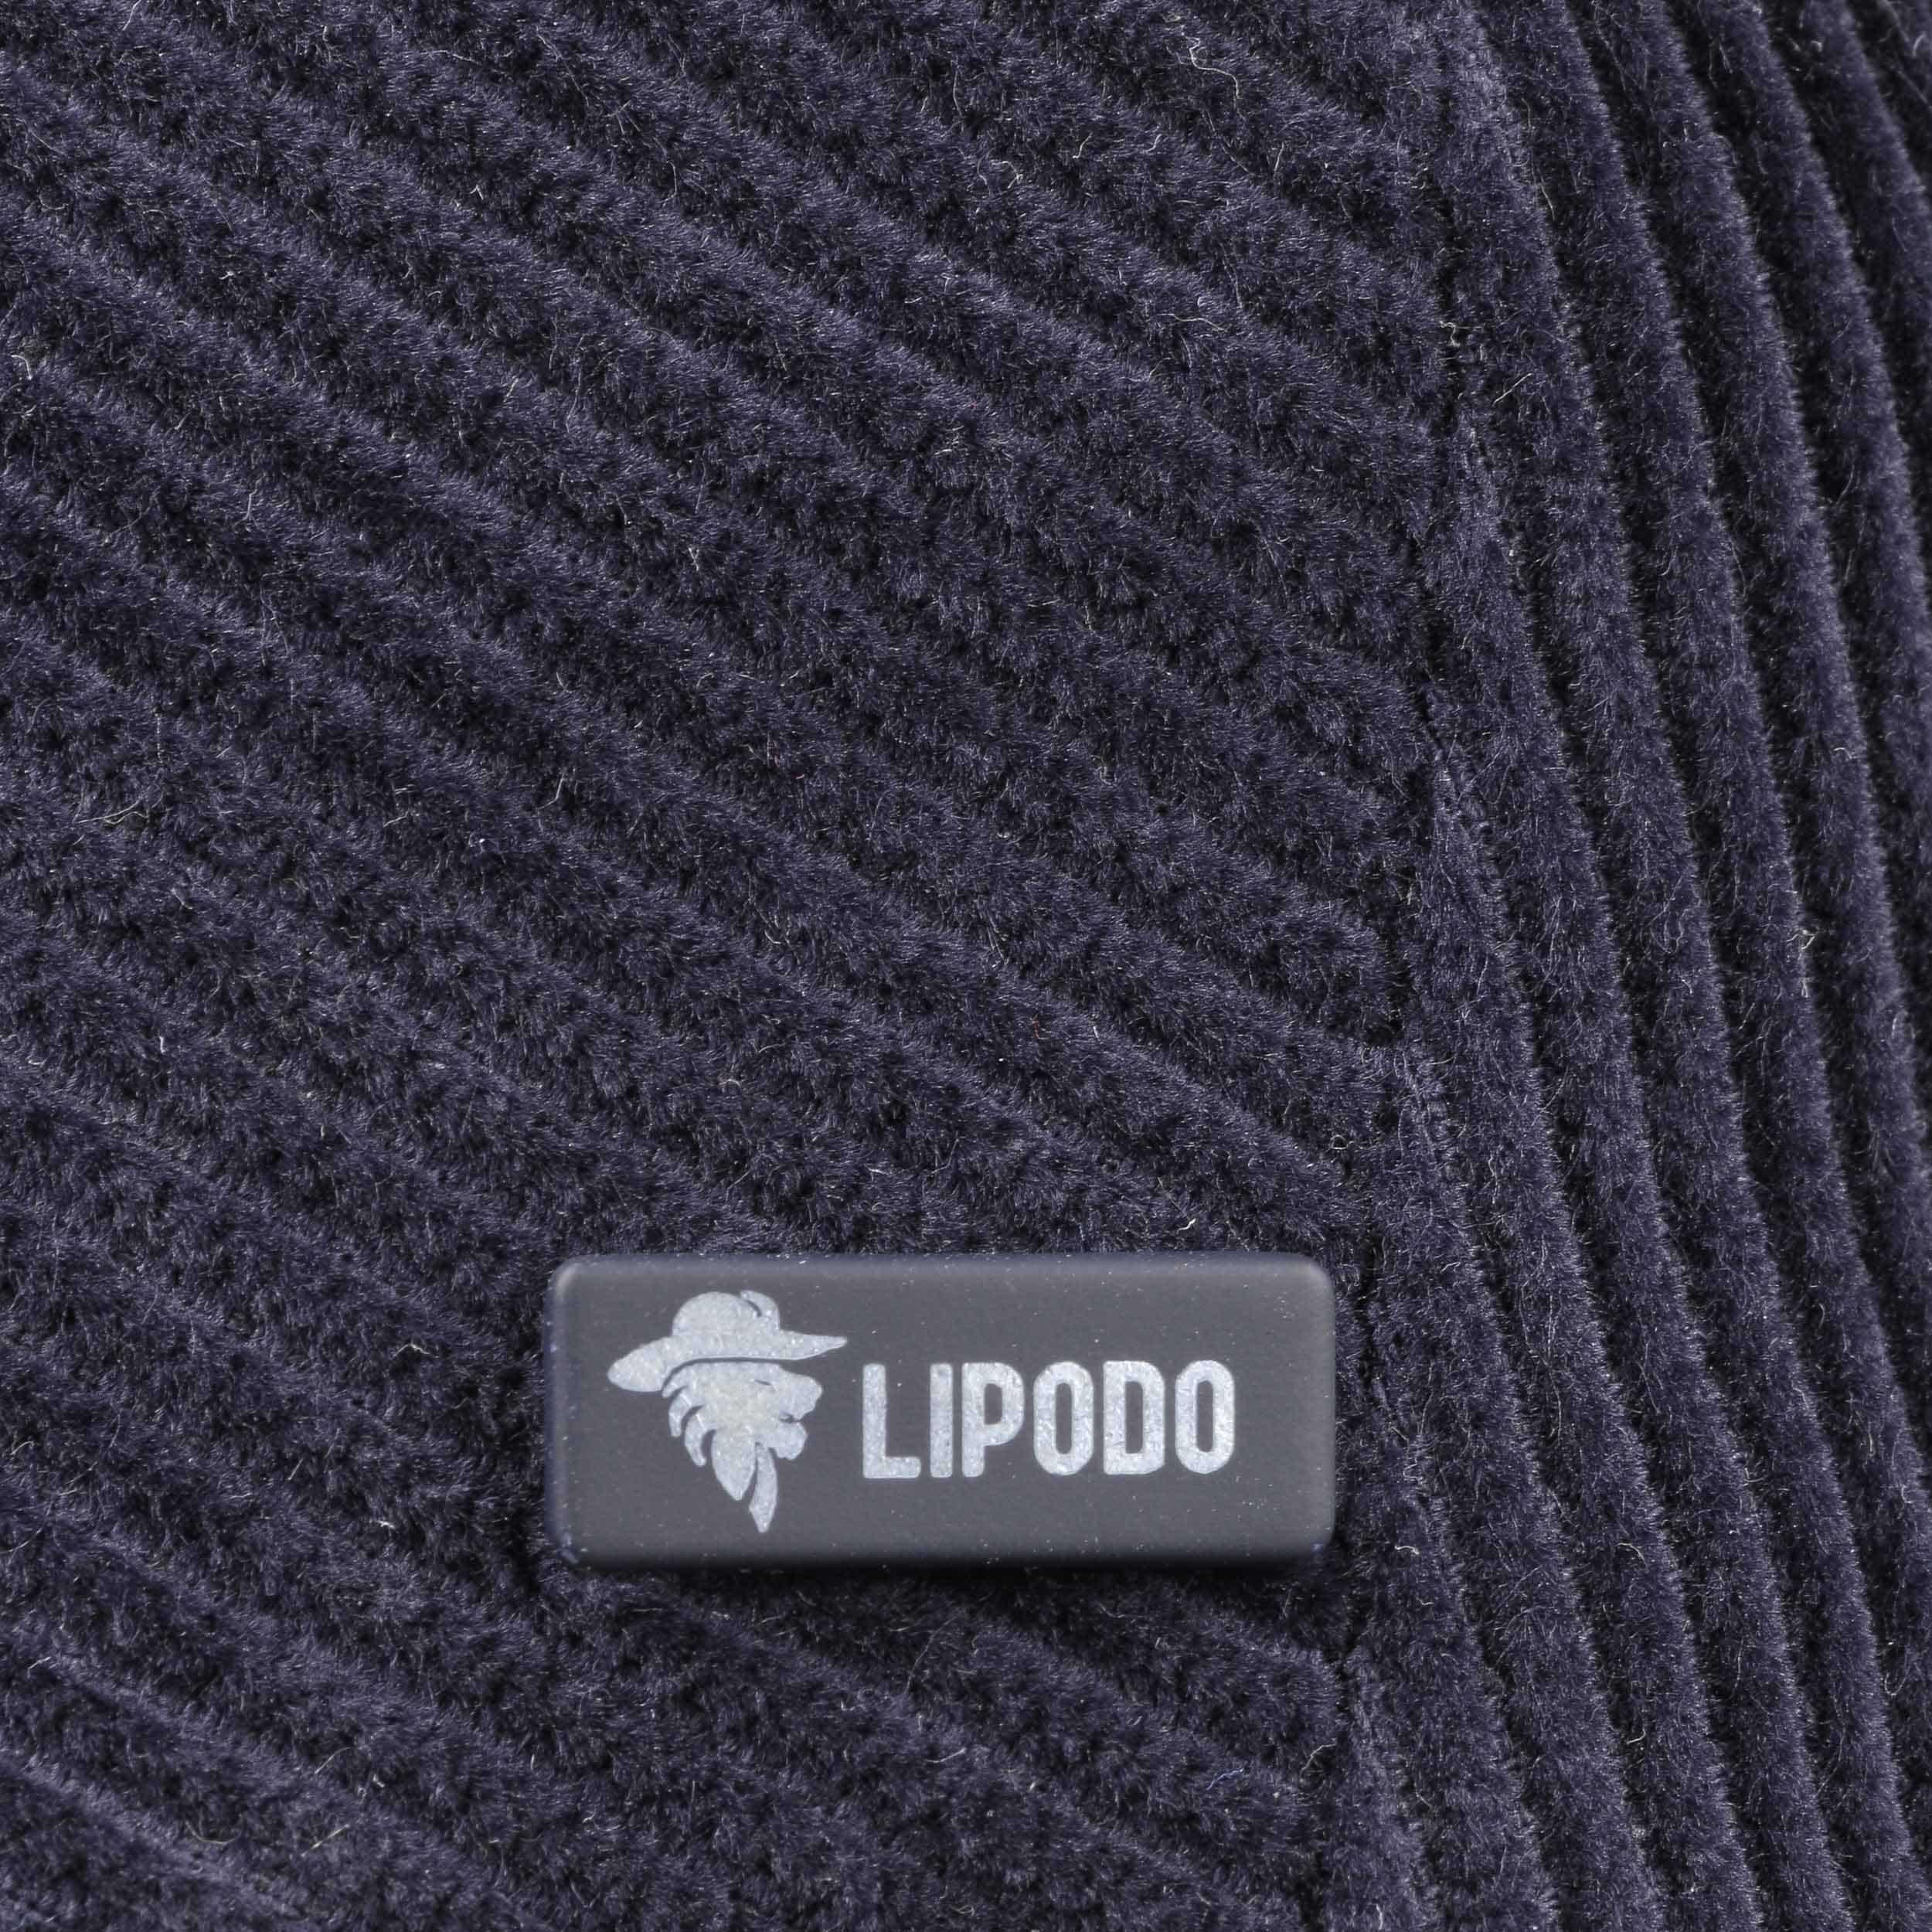 ... Coppola da Bambino Cordial by Lipodo - blu 3 ... 02191d3a4d25